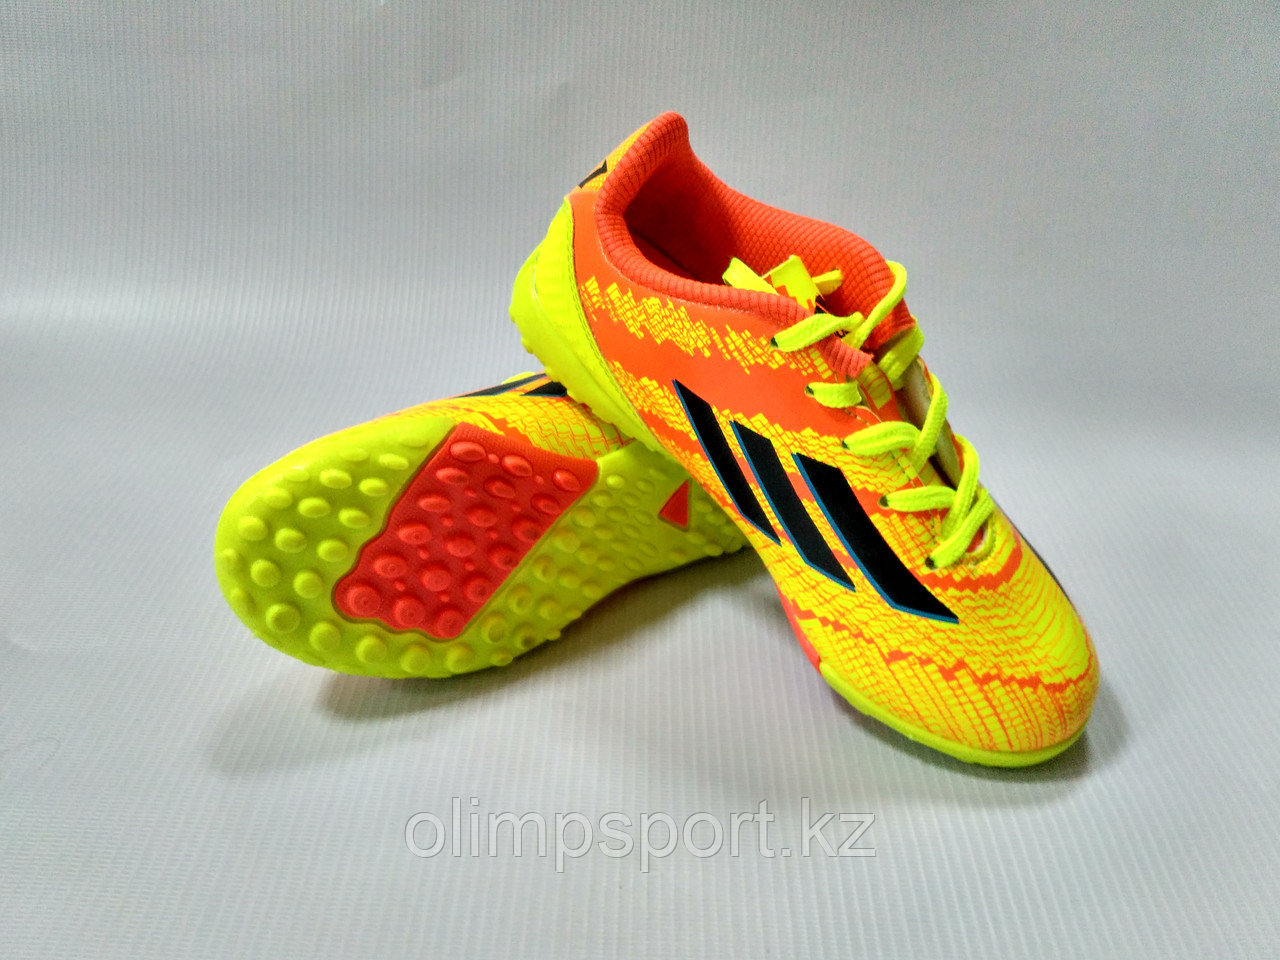 Сороконожки футбольные Adidas, детские